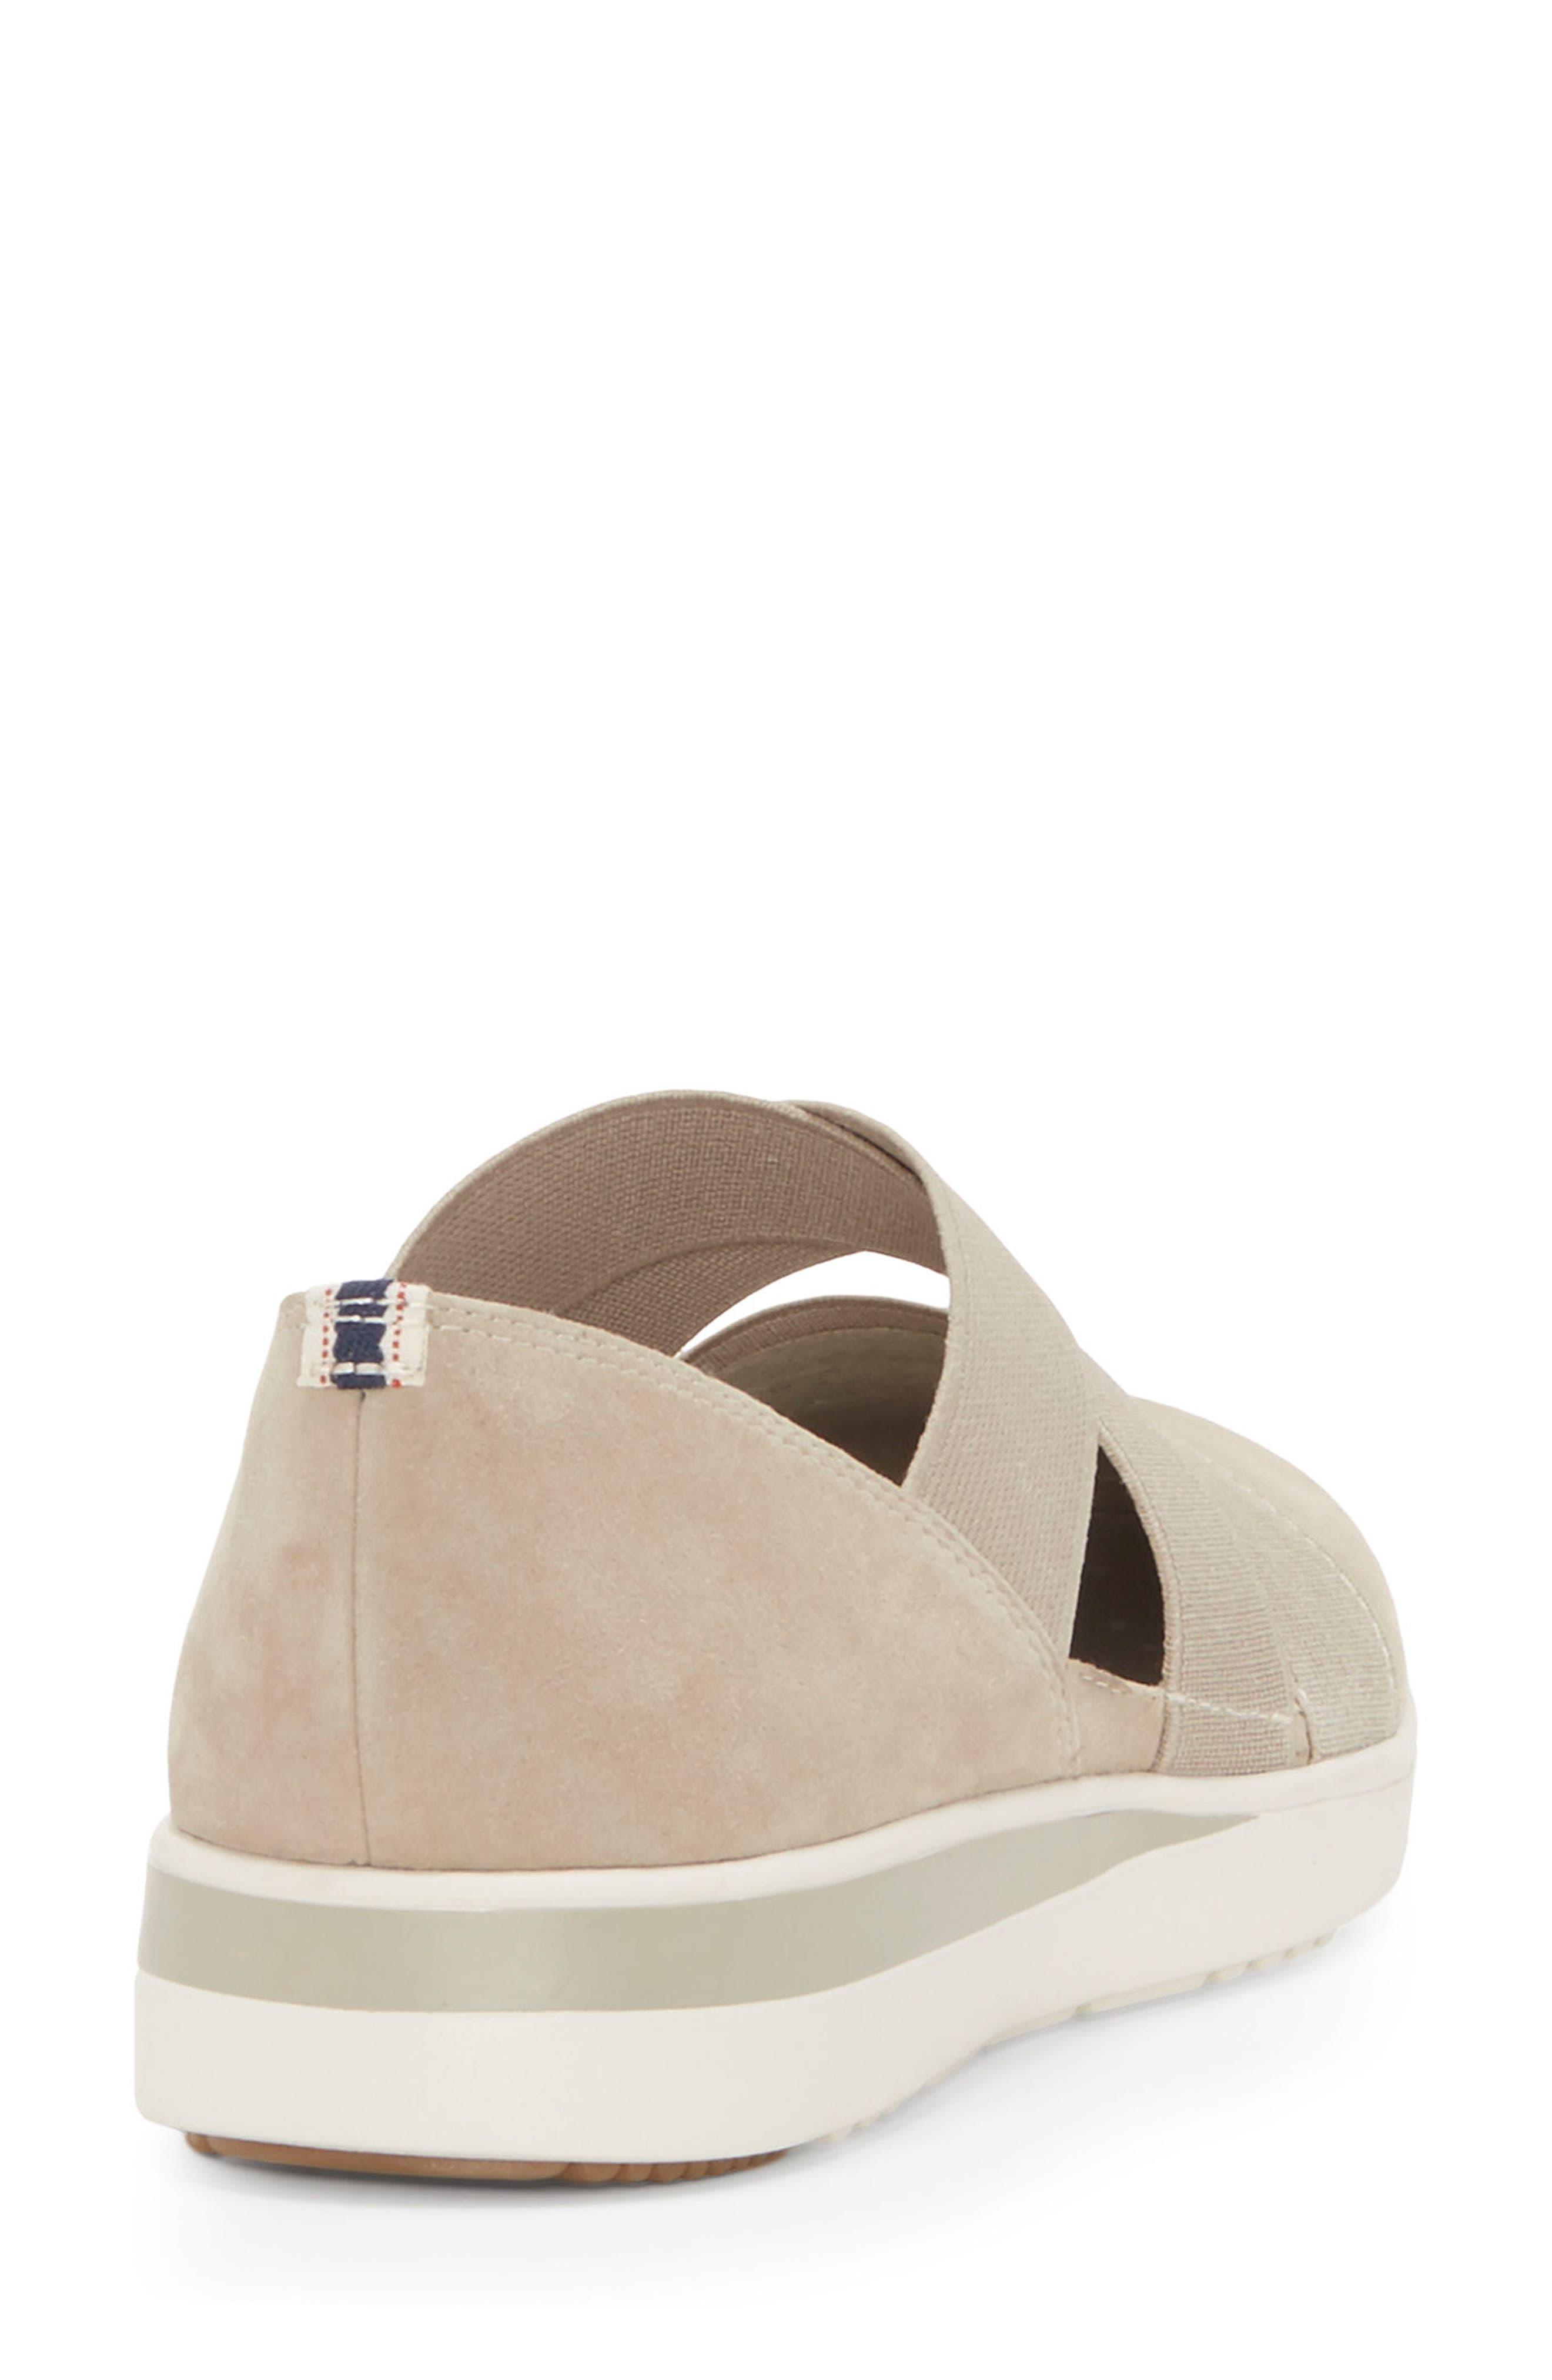 Alskara Slip-On Sneaker Flat,                             Alternate thumbnail 8, color,                             BRINDLE SUEDE